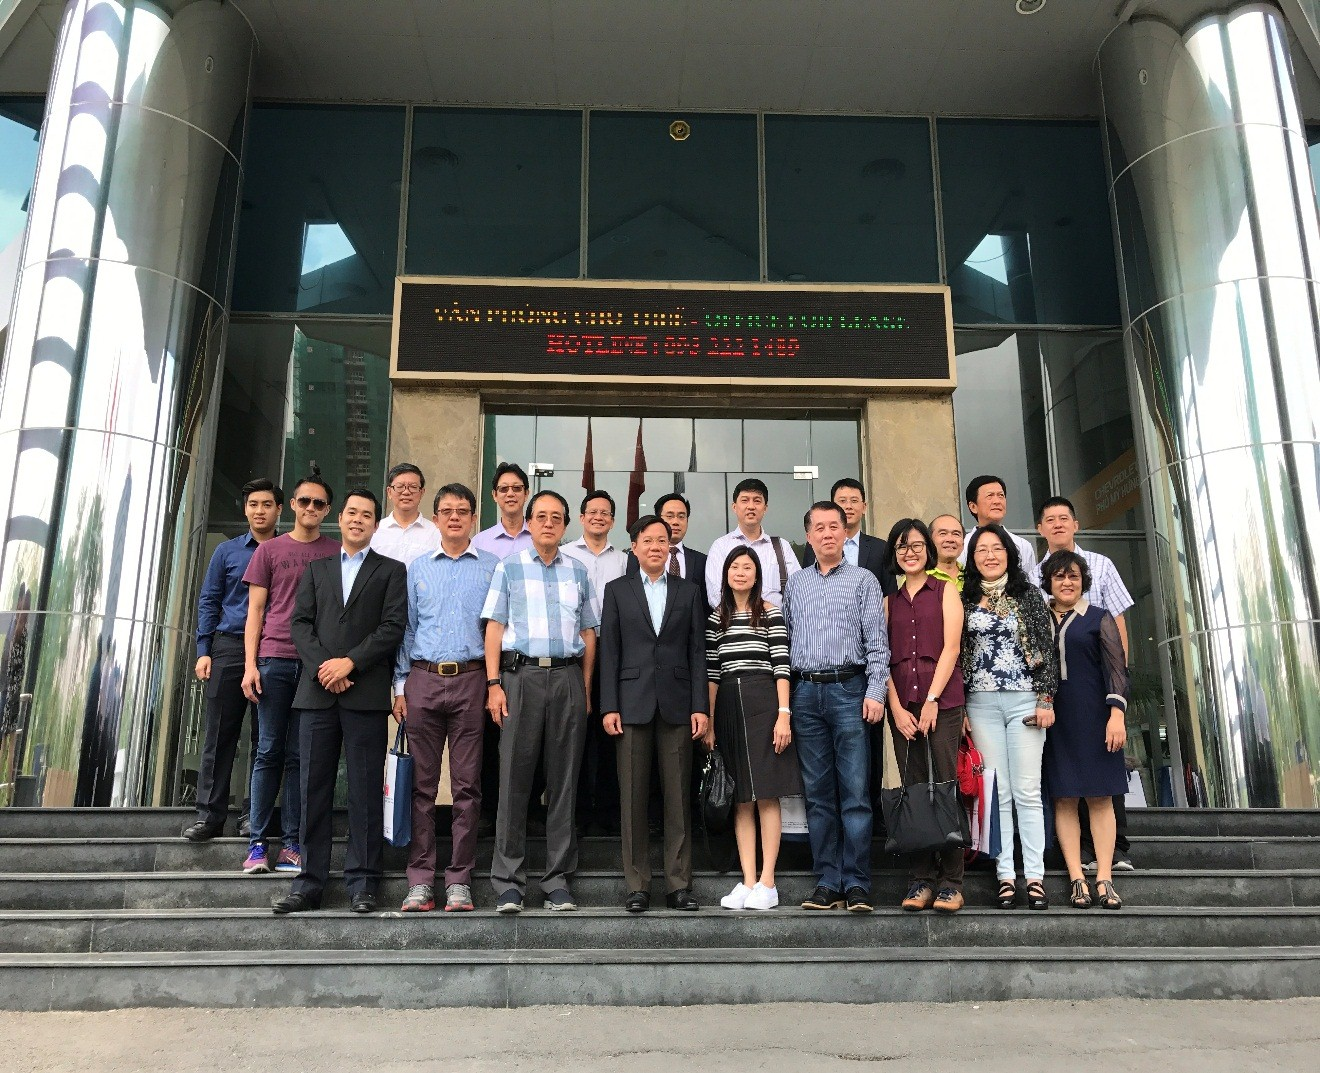 Làm việc với Đoàn cựu sinh viên trường Đại học Quốc gia Singapore vào ngày 26/5/2017